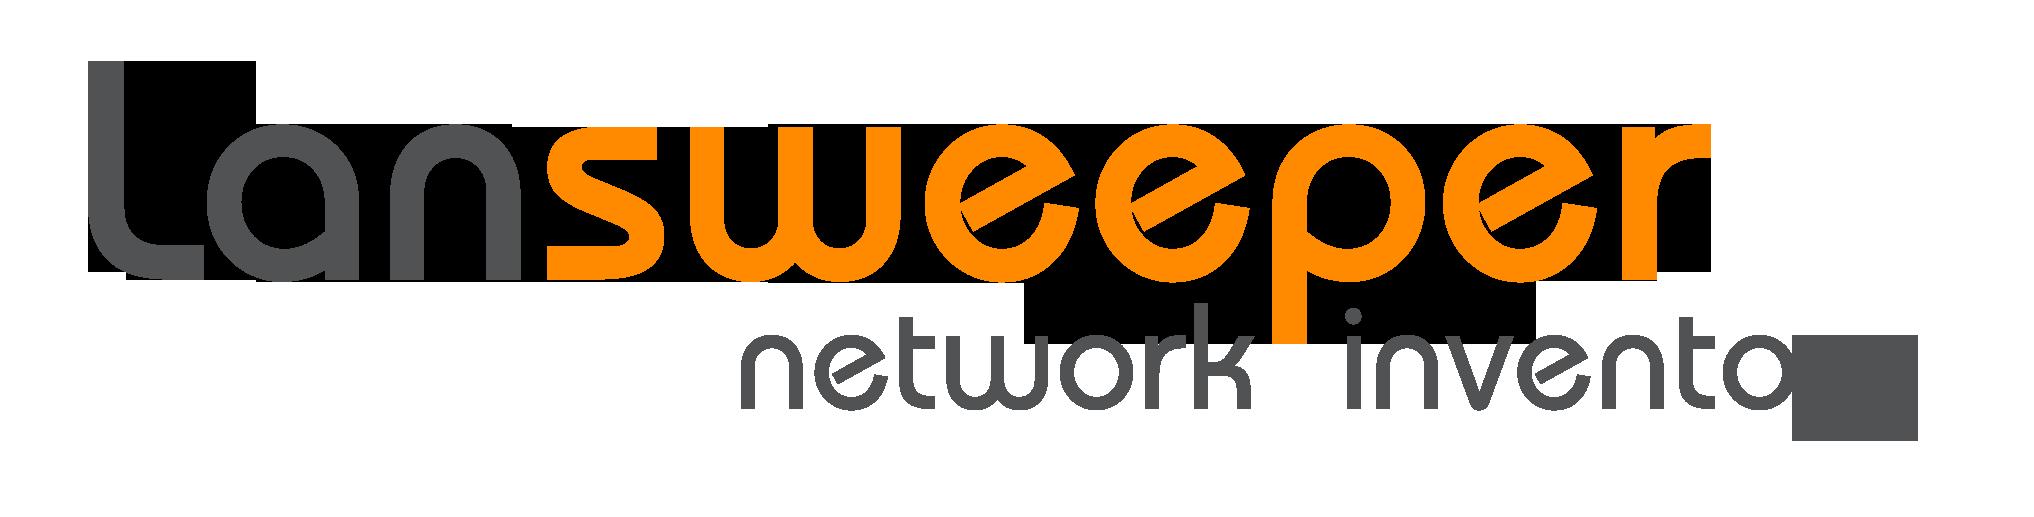 logo Lansweeper